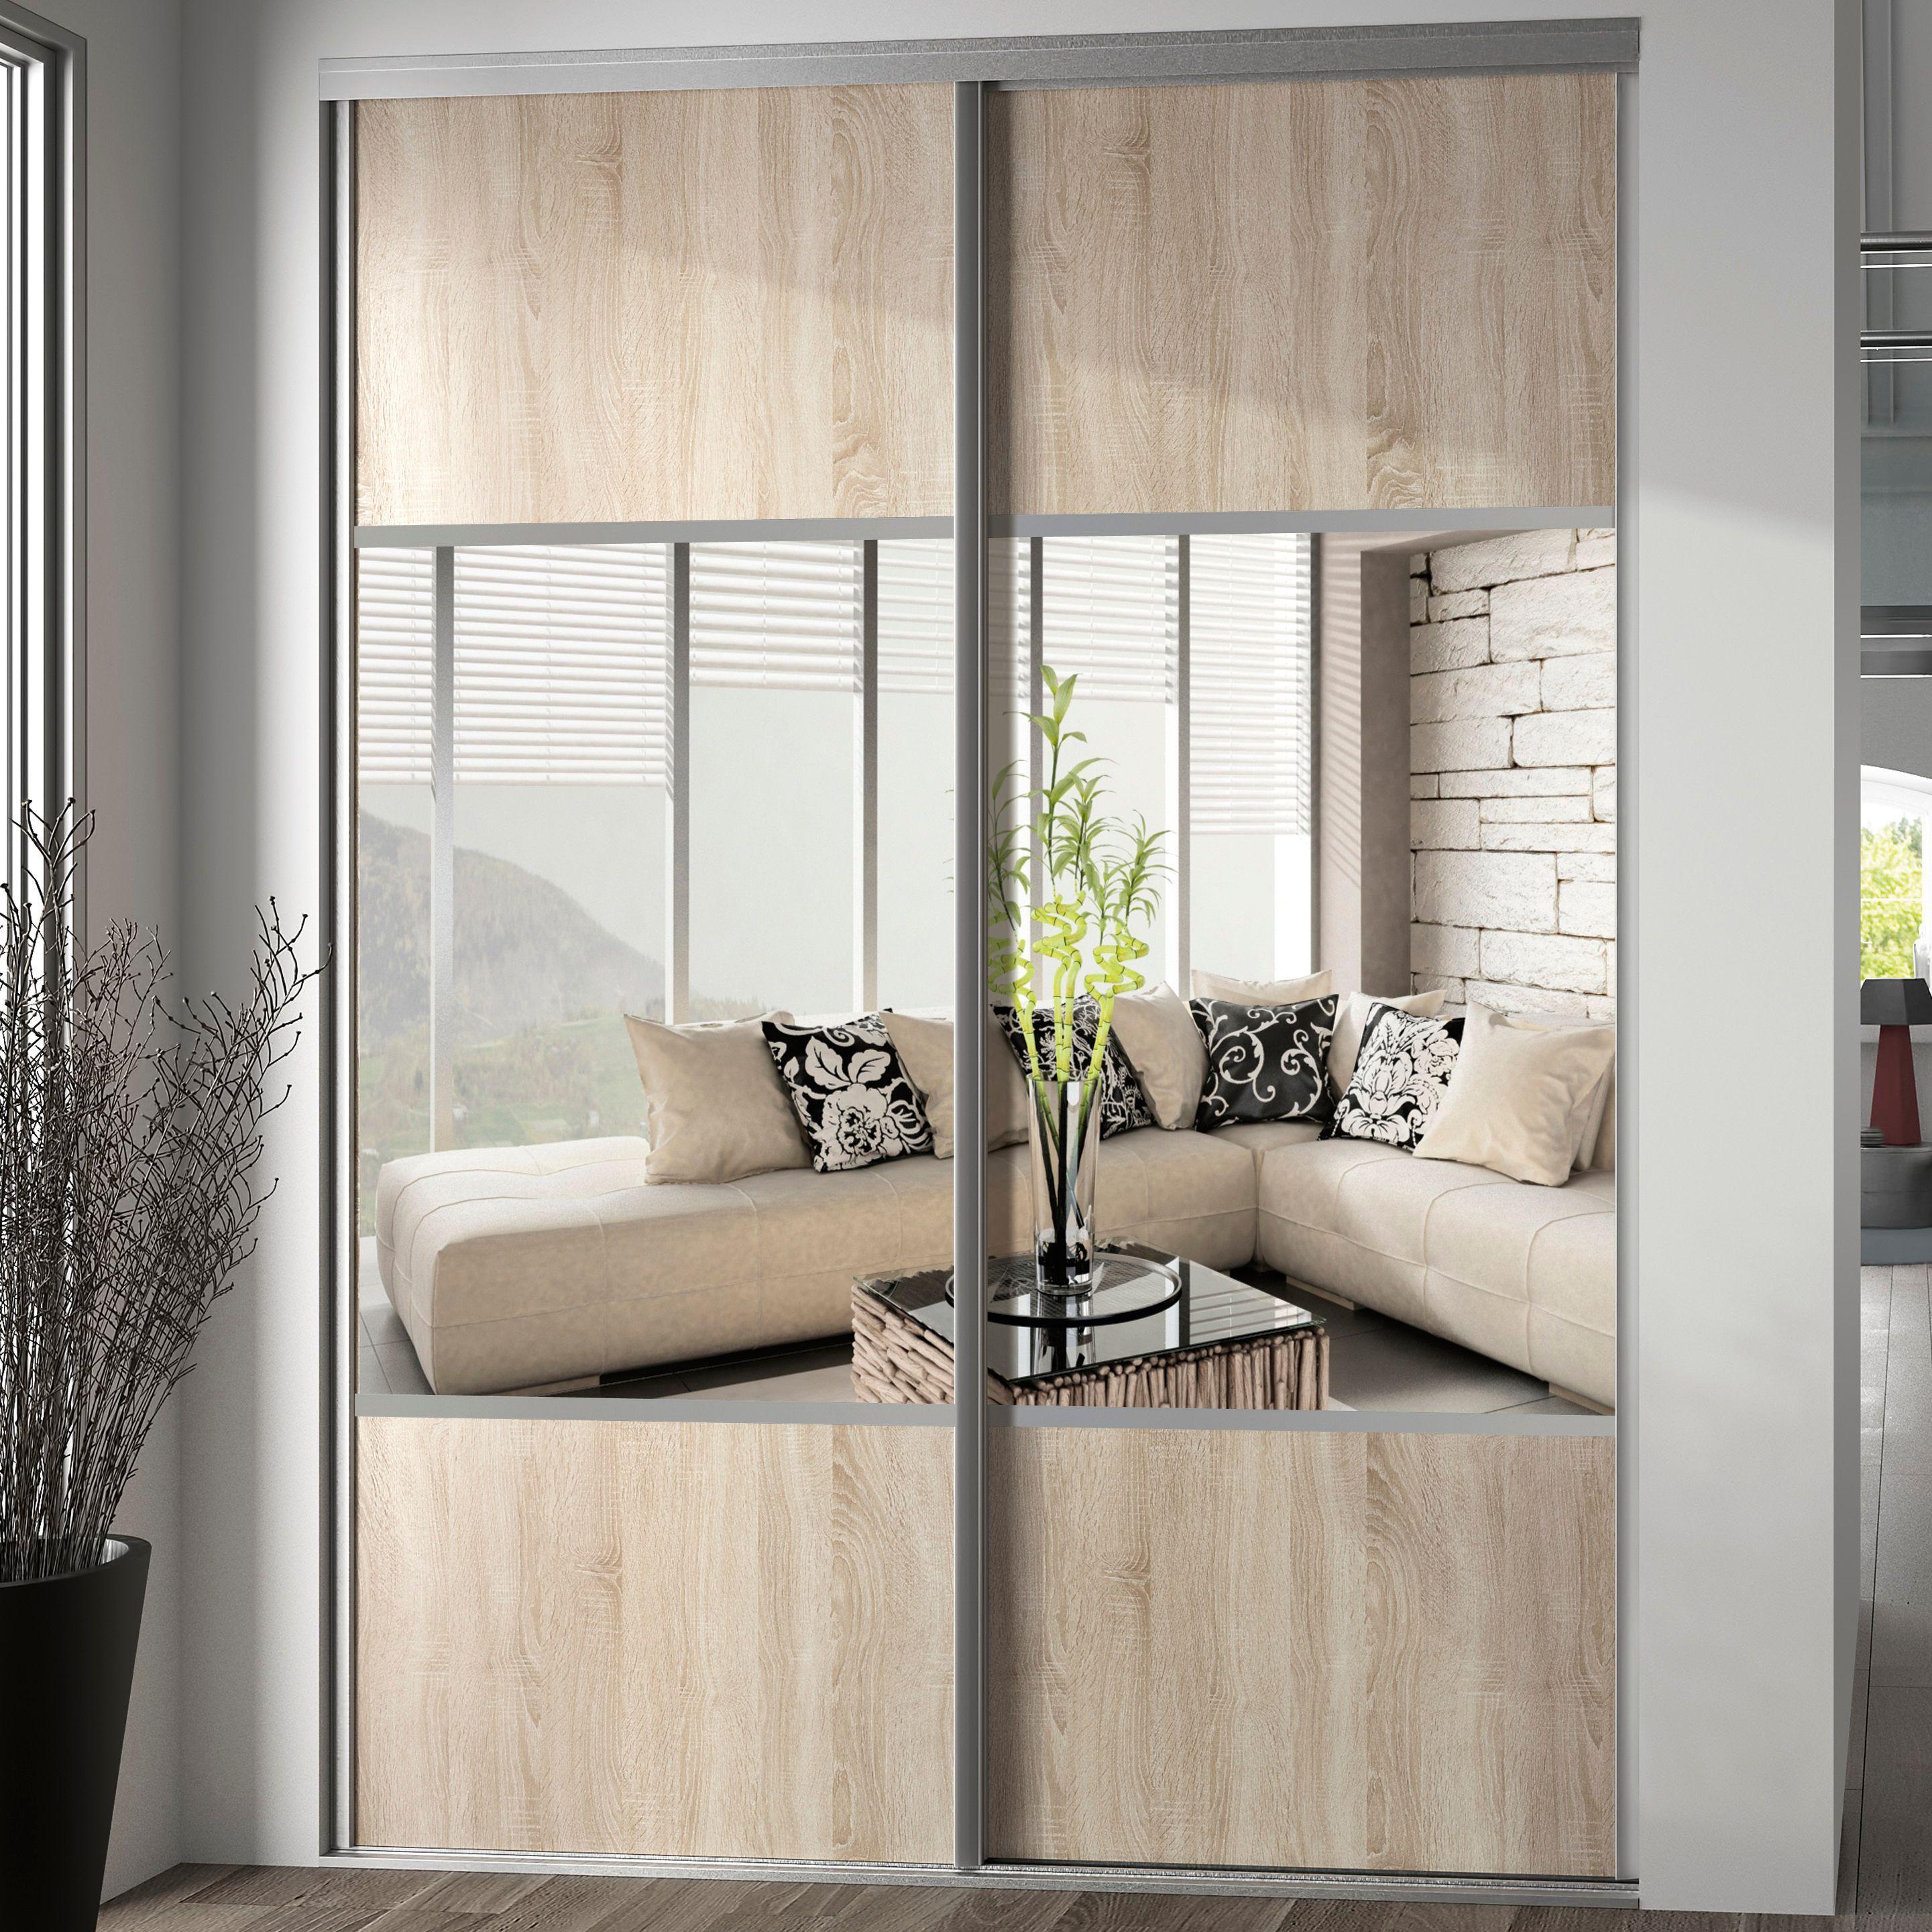 Valla Mirrored Oak Effect Sliding Wardrobe Door H 2260 Mm W 772mmbeige En 2020 Placard Coulissant Porte Placard Coulissante Portes De Placard Coulissantes Miroir